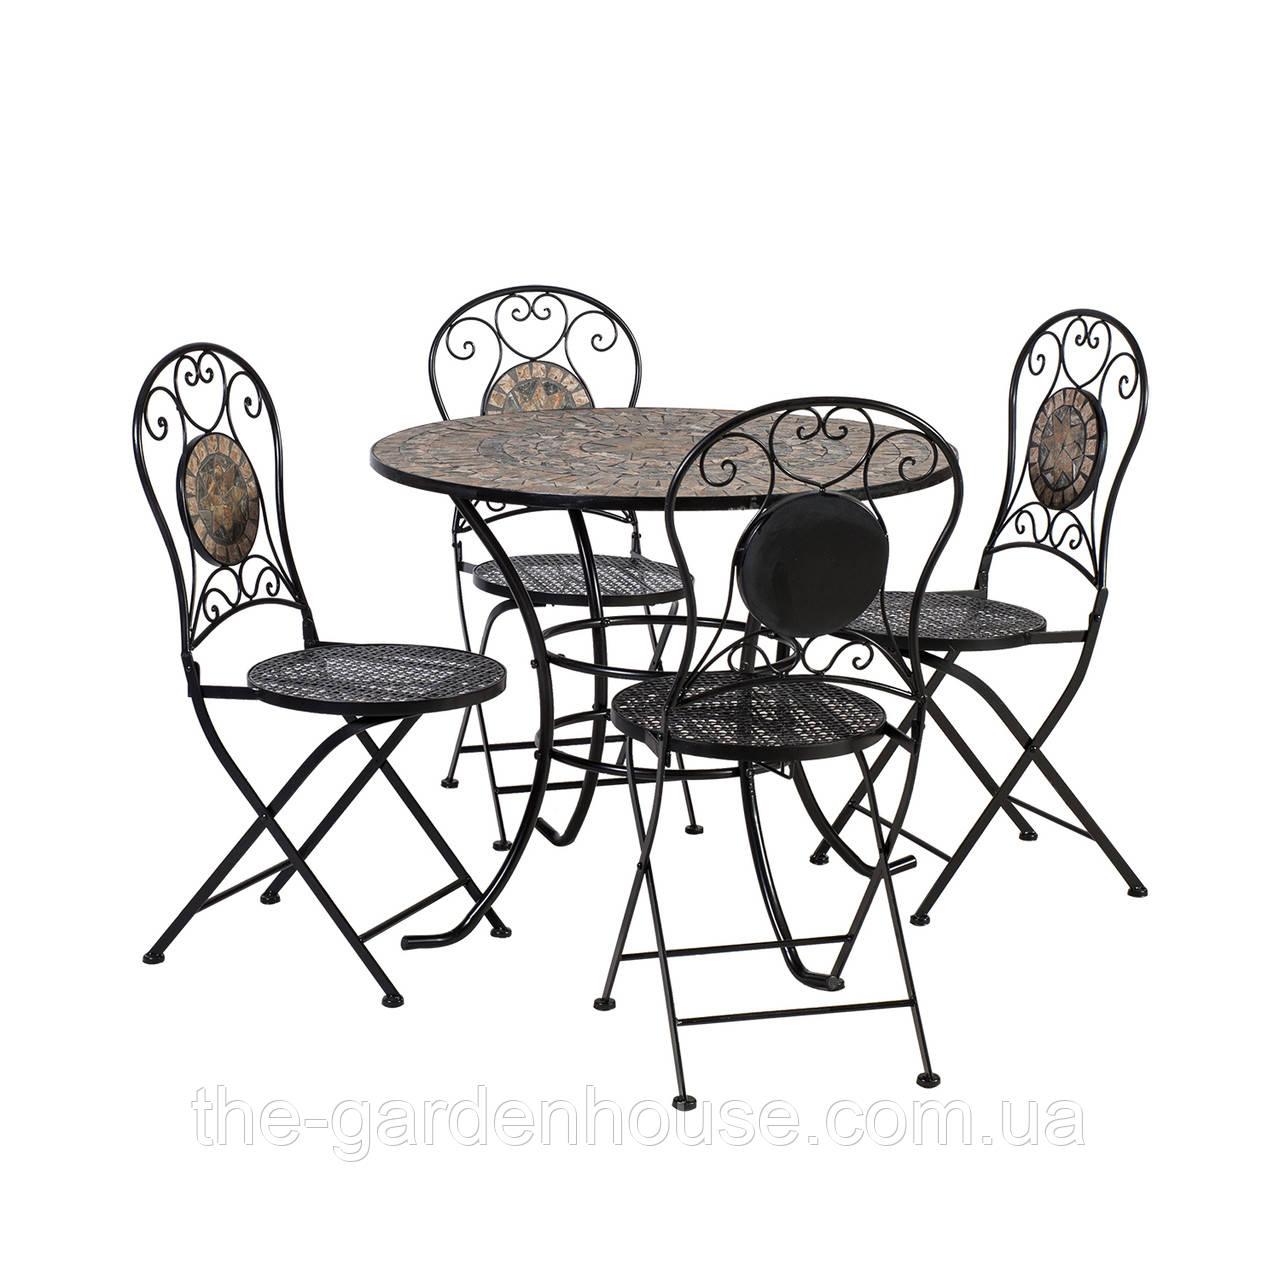 Обідній комплект Mosaic: стіл і складних 4 стільця